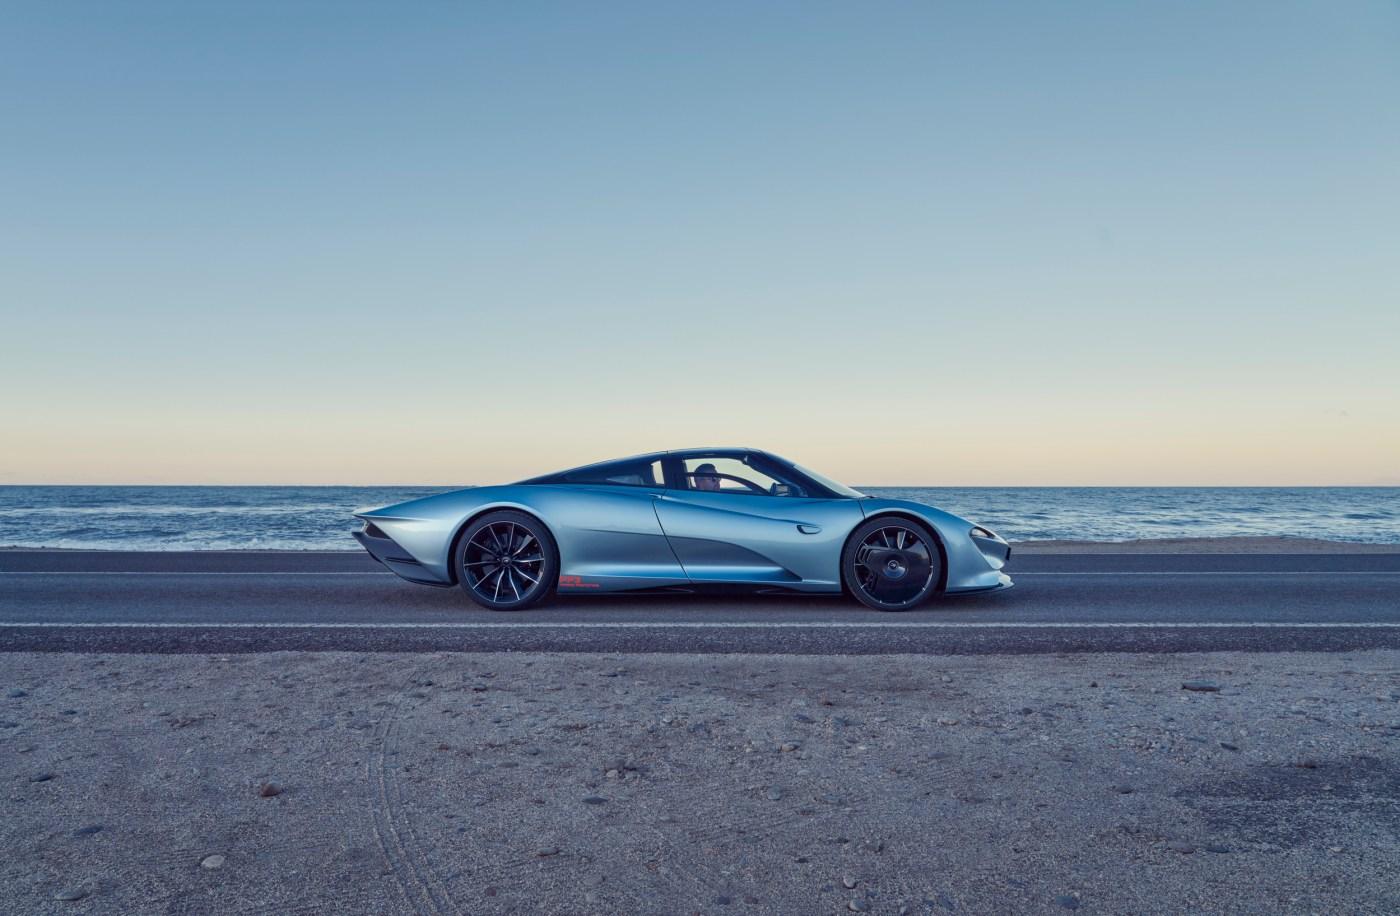 Mclaren Speedtail profile Photo by ©johnwycherley